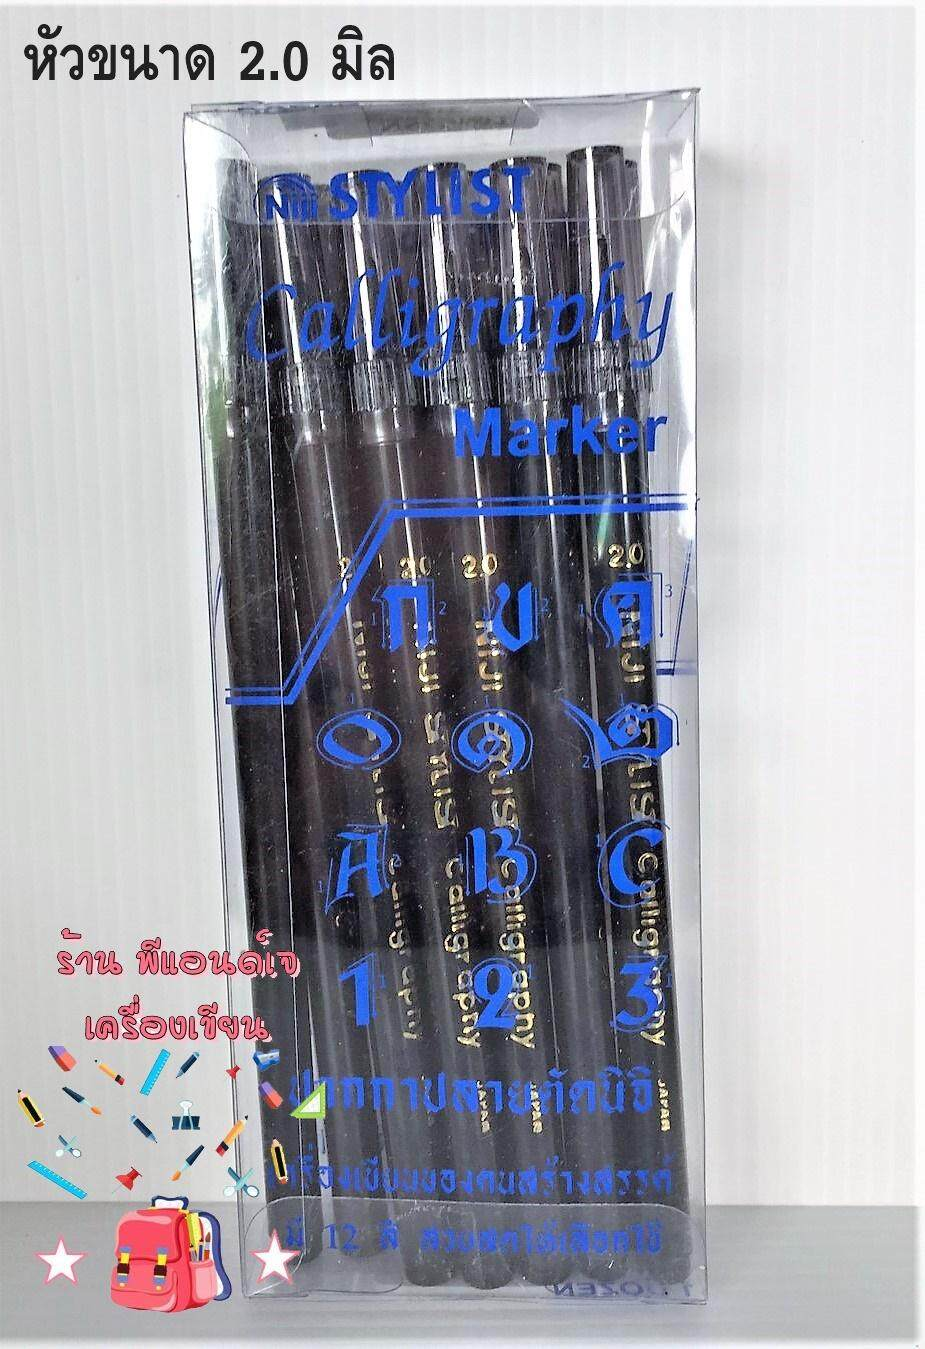 ปากกาสปีดบอล สีดำ ขนาด 2.0 มิล ปากกาหัวตัด Niji Stylist Calligraphy ยกกล่อง.